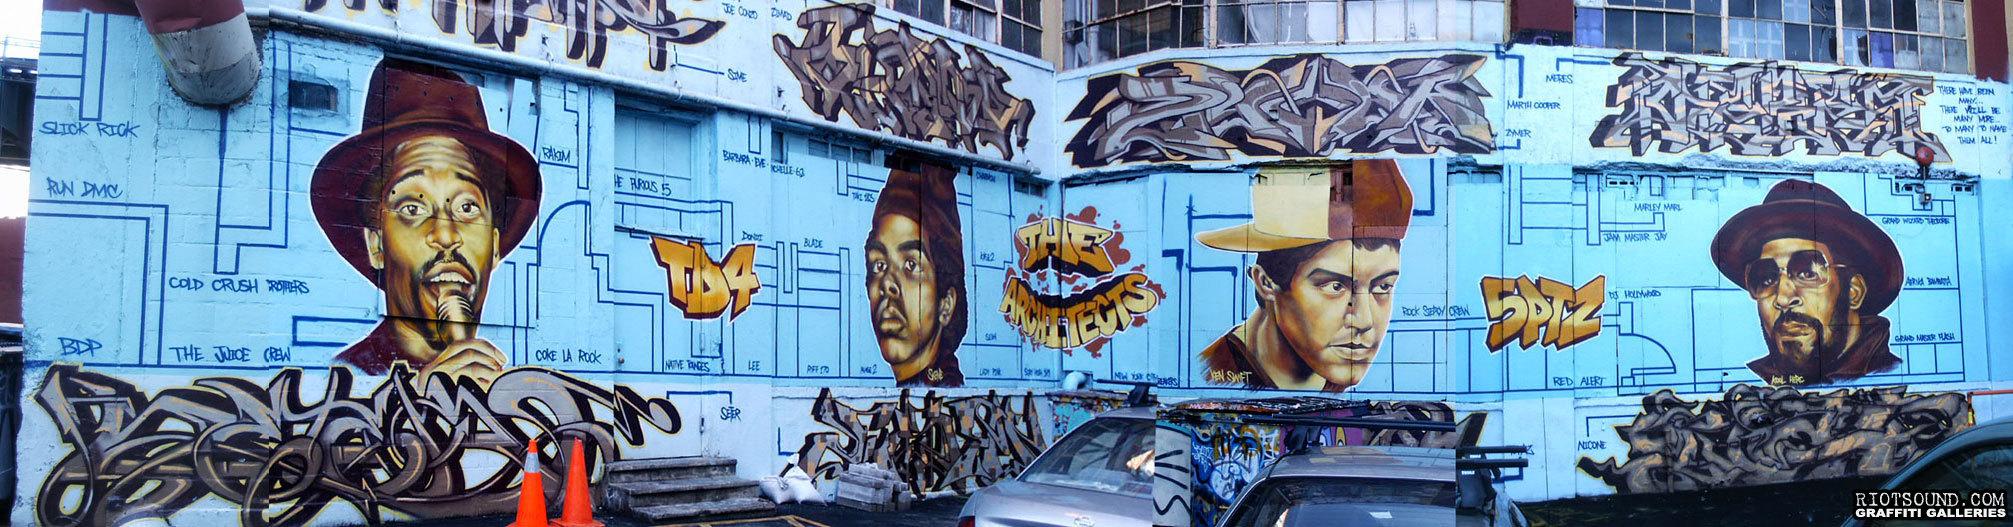 64 Hip Hop Tribute Mural